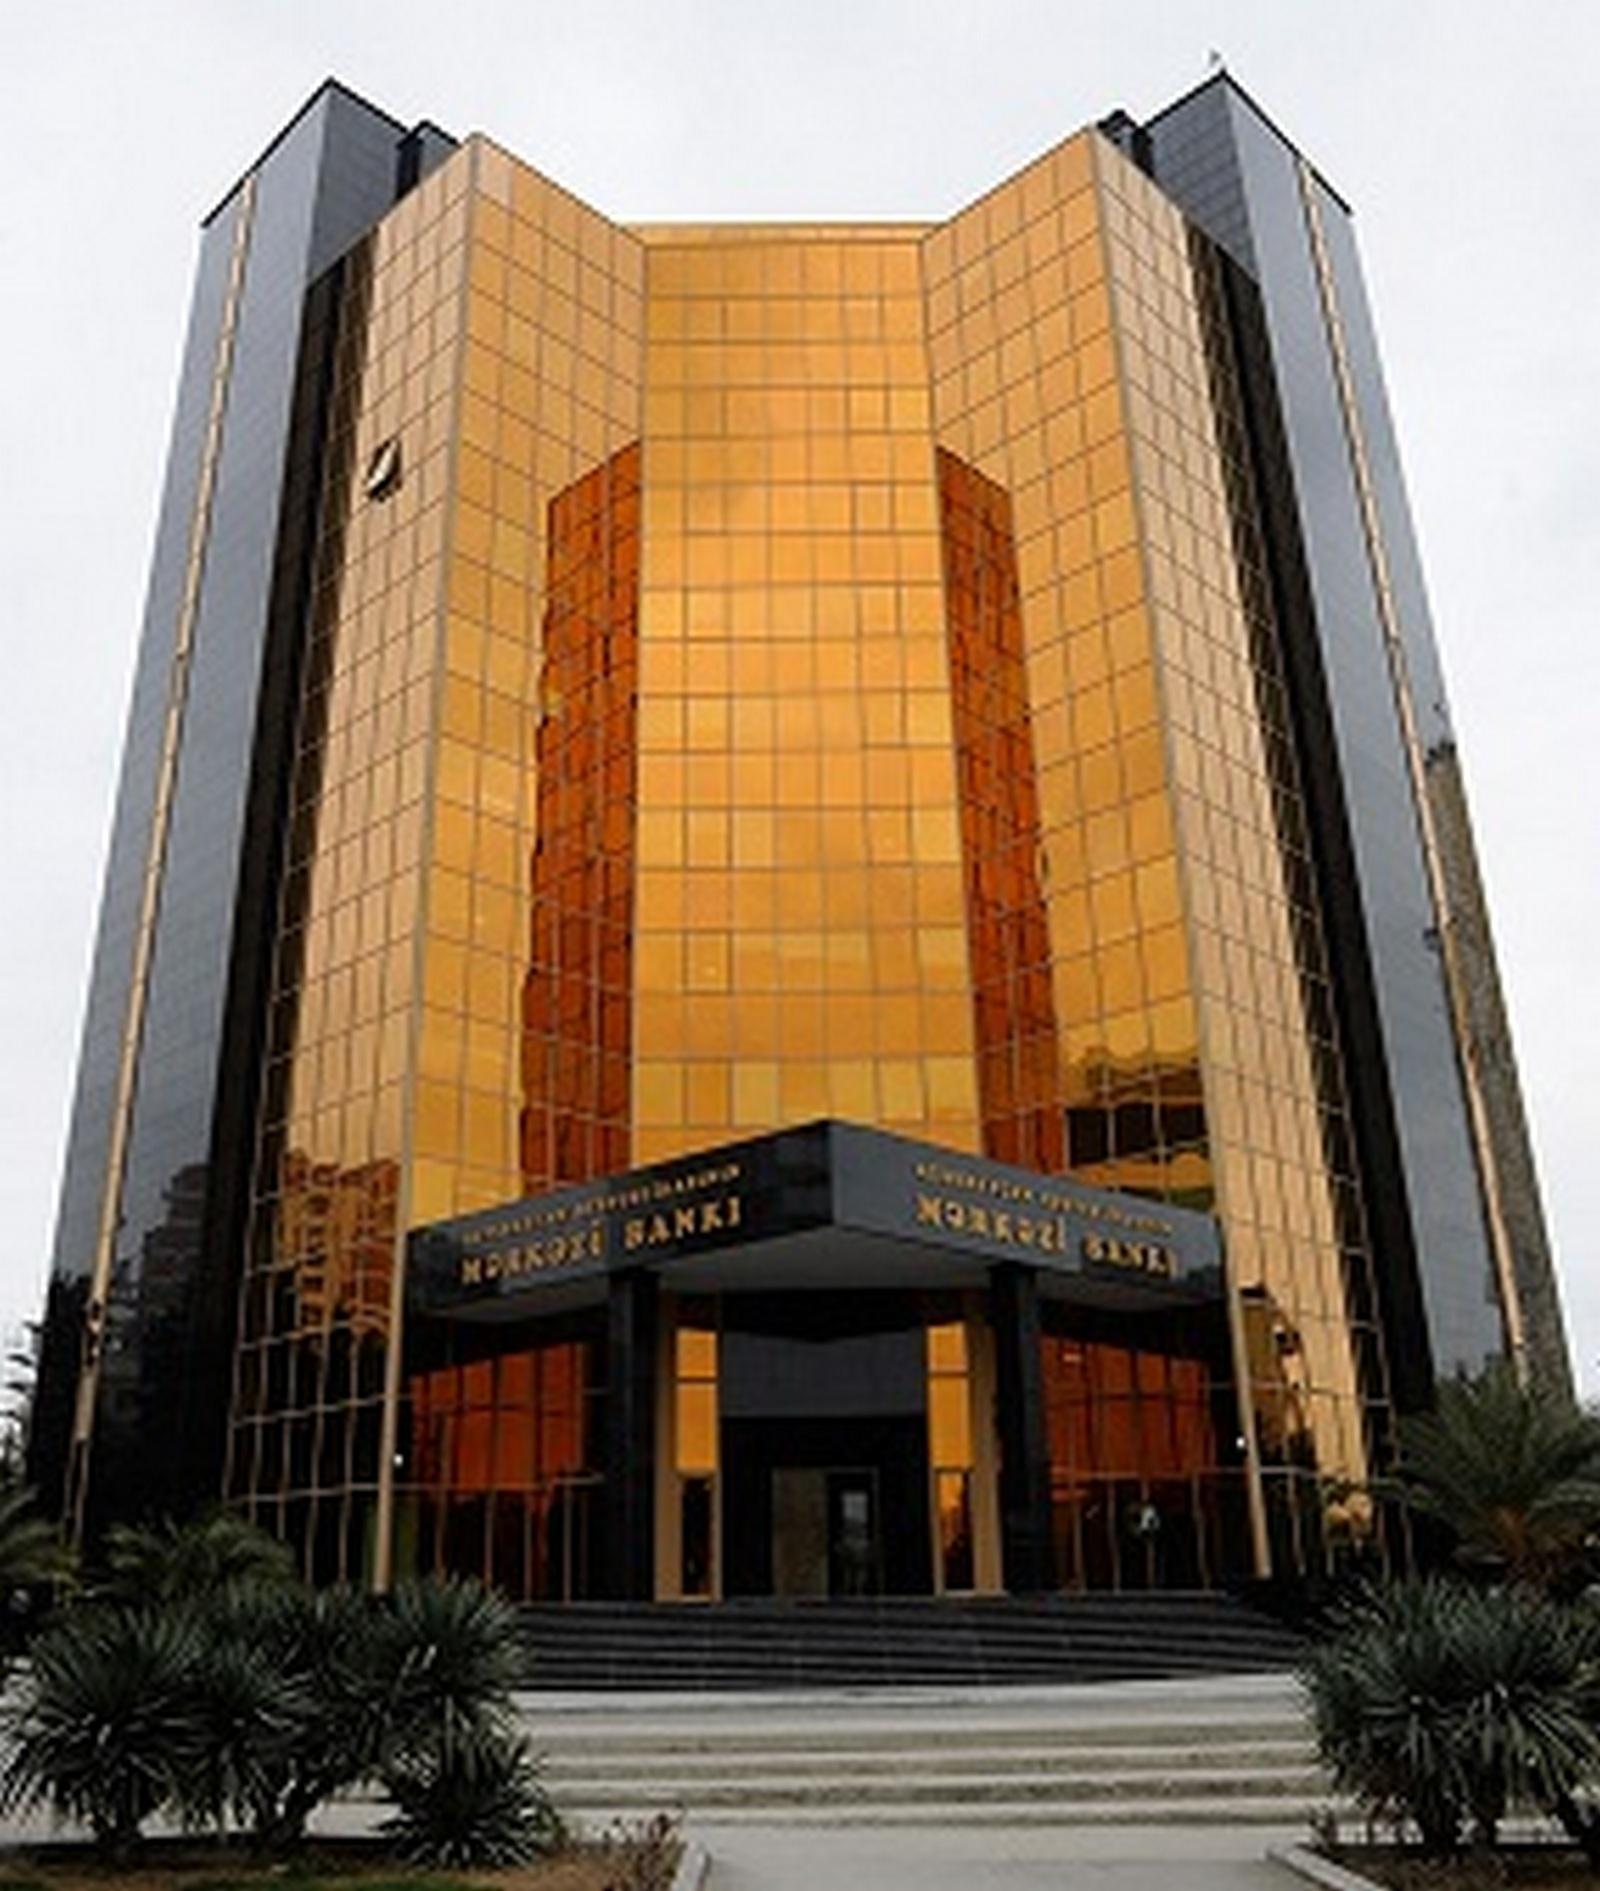 Mərkəzi Bankın binasını kim sığortaladı?